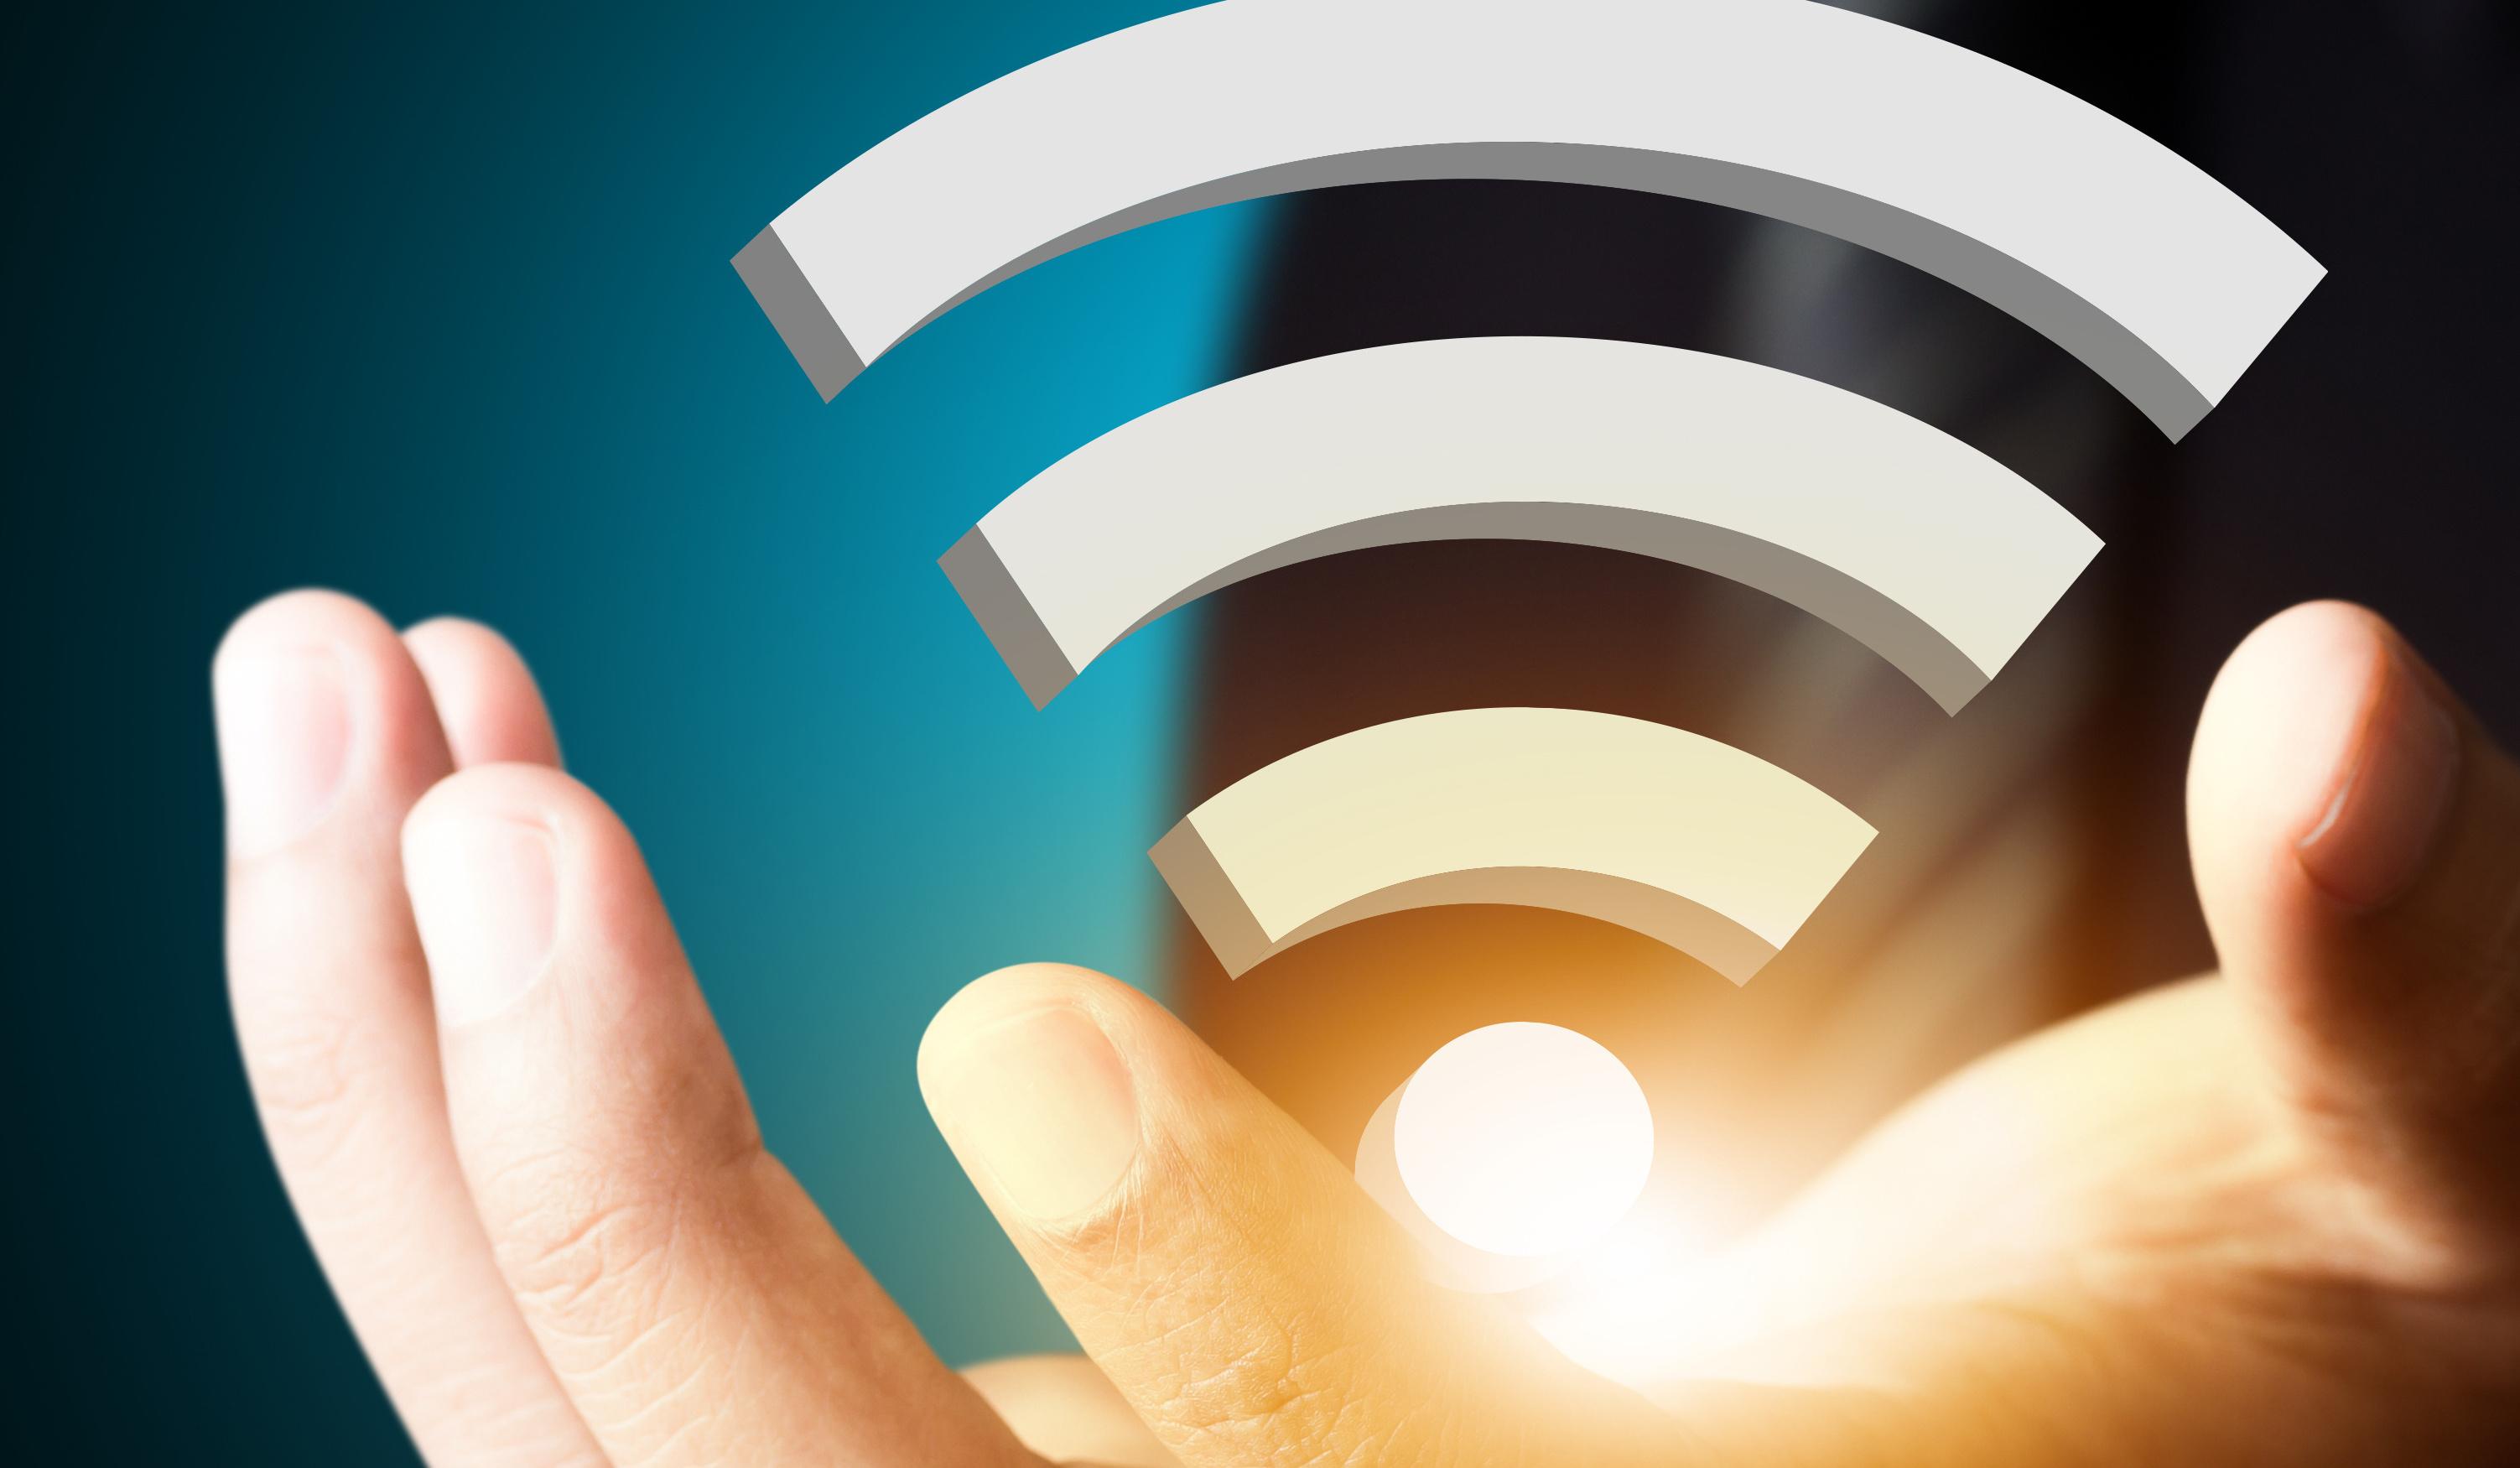 В августе Роскомнадзор проверил около 4 тыс. точек доступа Wi-Fi в общественных местах 1